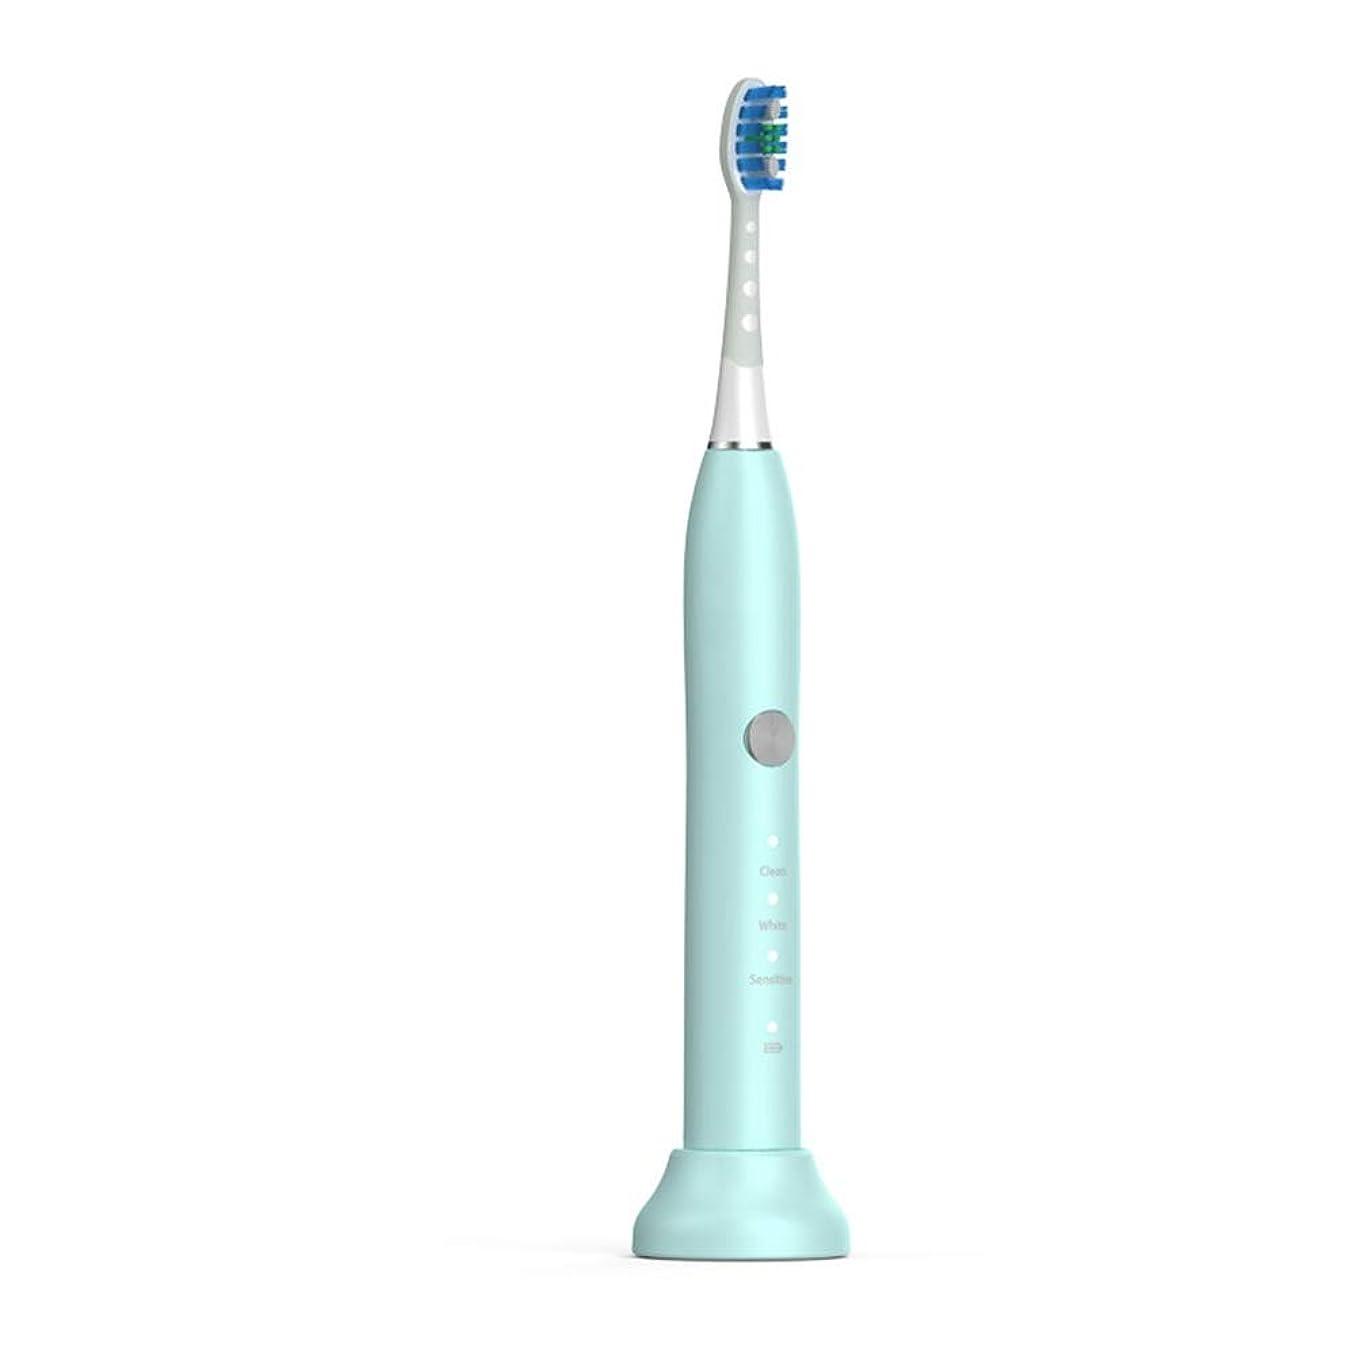 学ぶ憎しみ立場電動歯ブラシ 毎日の使用のためのUSBの充満基盤のホールダーの柔らかい毛の保護きれいな歯ブラシが付いている電動歯ブラシ 大人と子供向け (色 : 緑, サイズ : Free size)